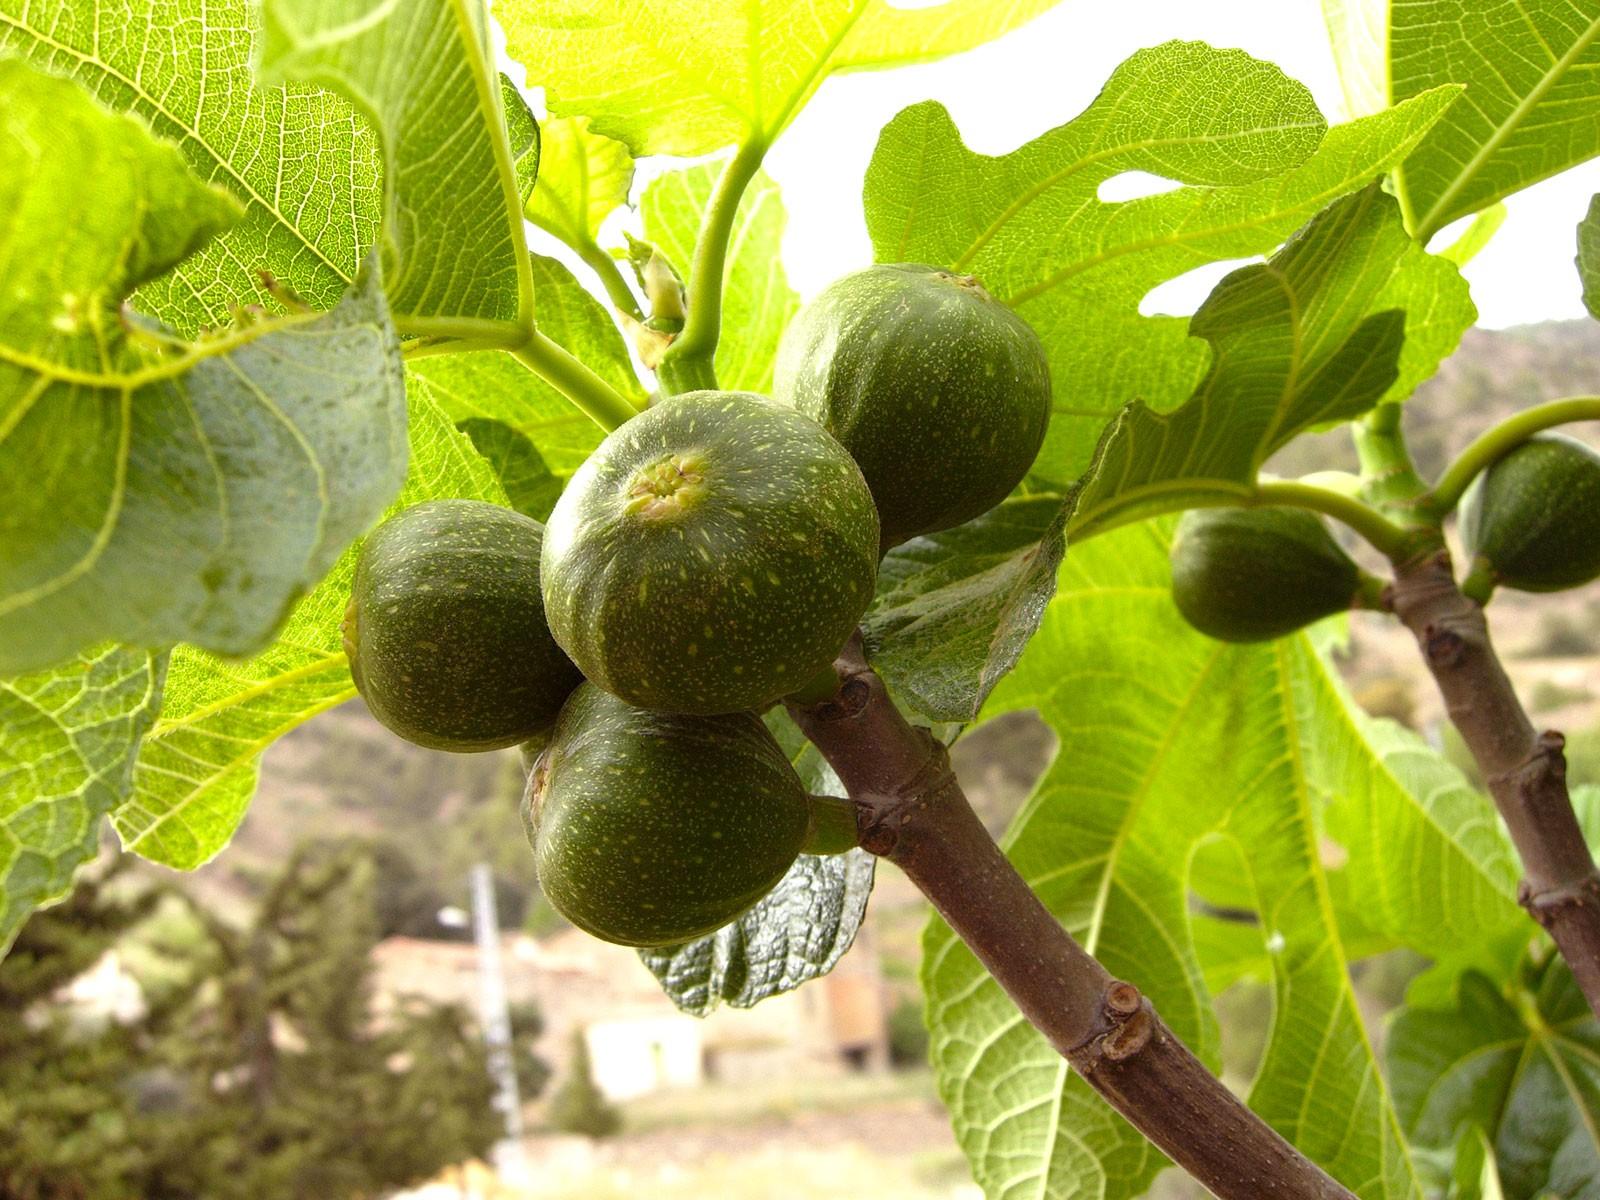 planter un figuier - blog jardin